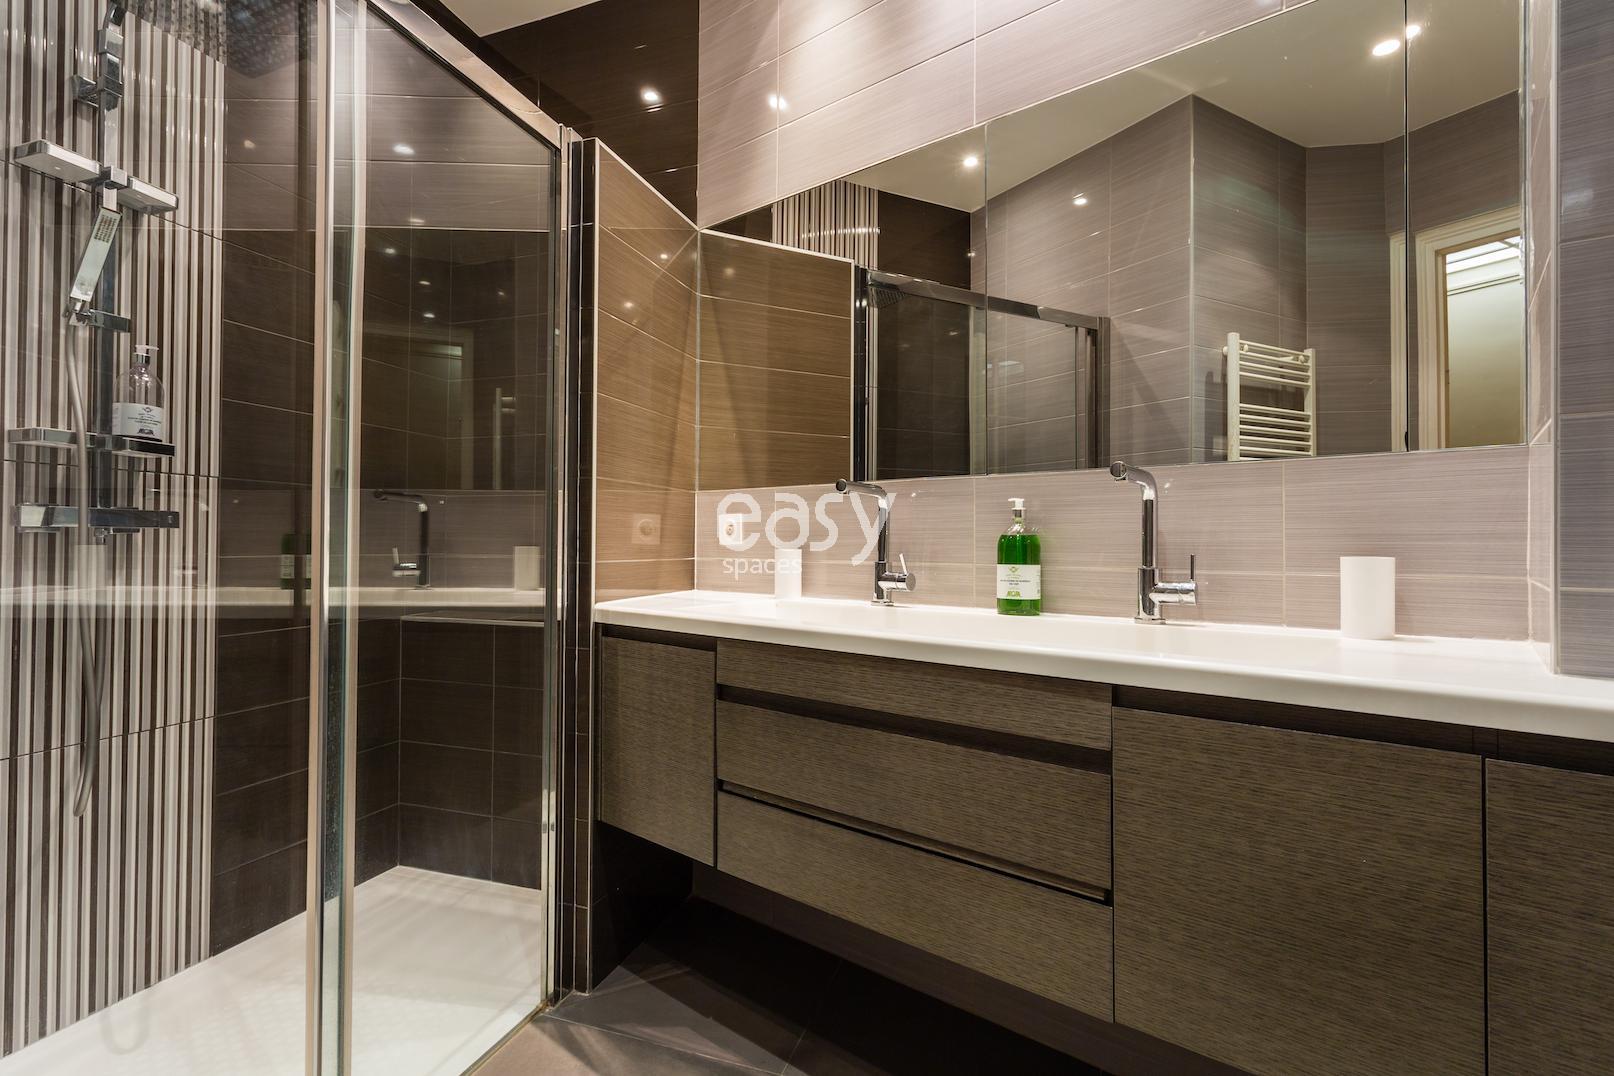 appartement haussmanien louer pour tournage paris centre lieux lieu louer pour tournage dans. Black Bedroom Furniture Sets. Home Design Ideas